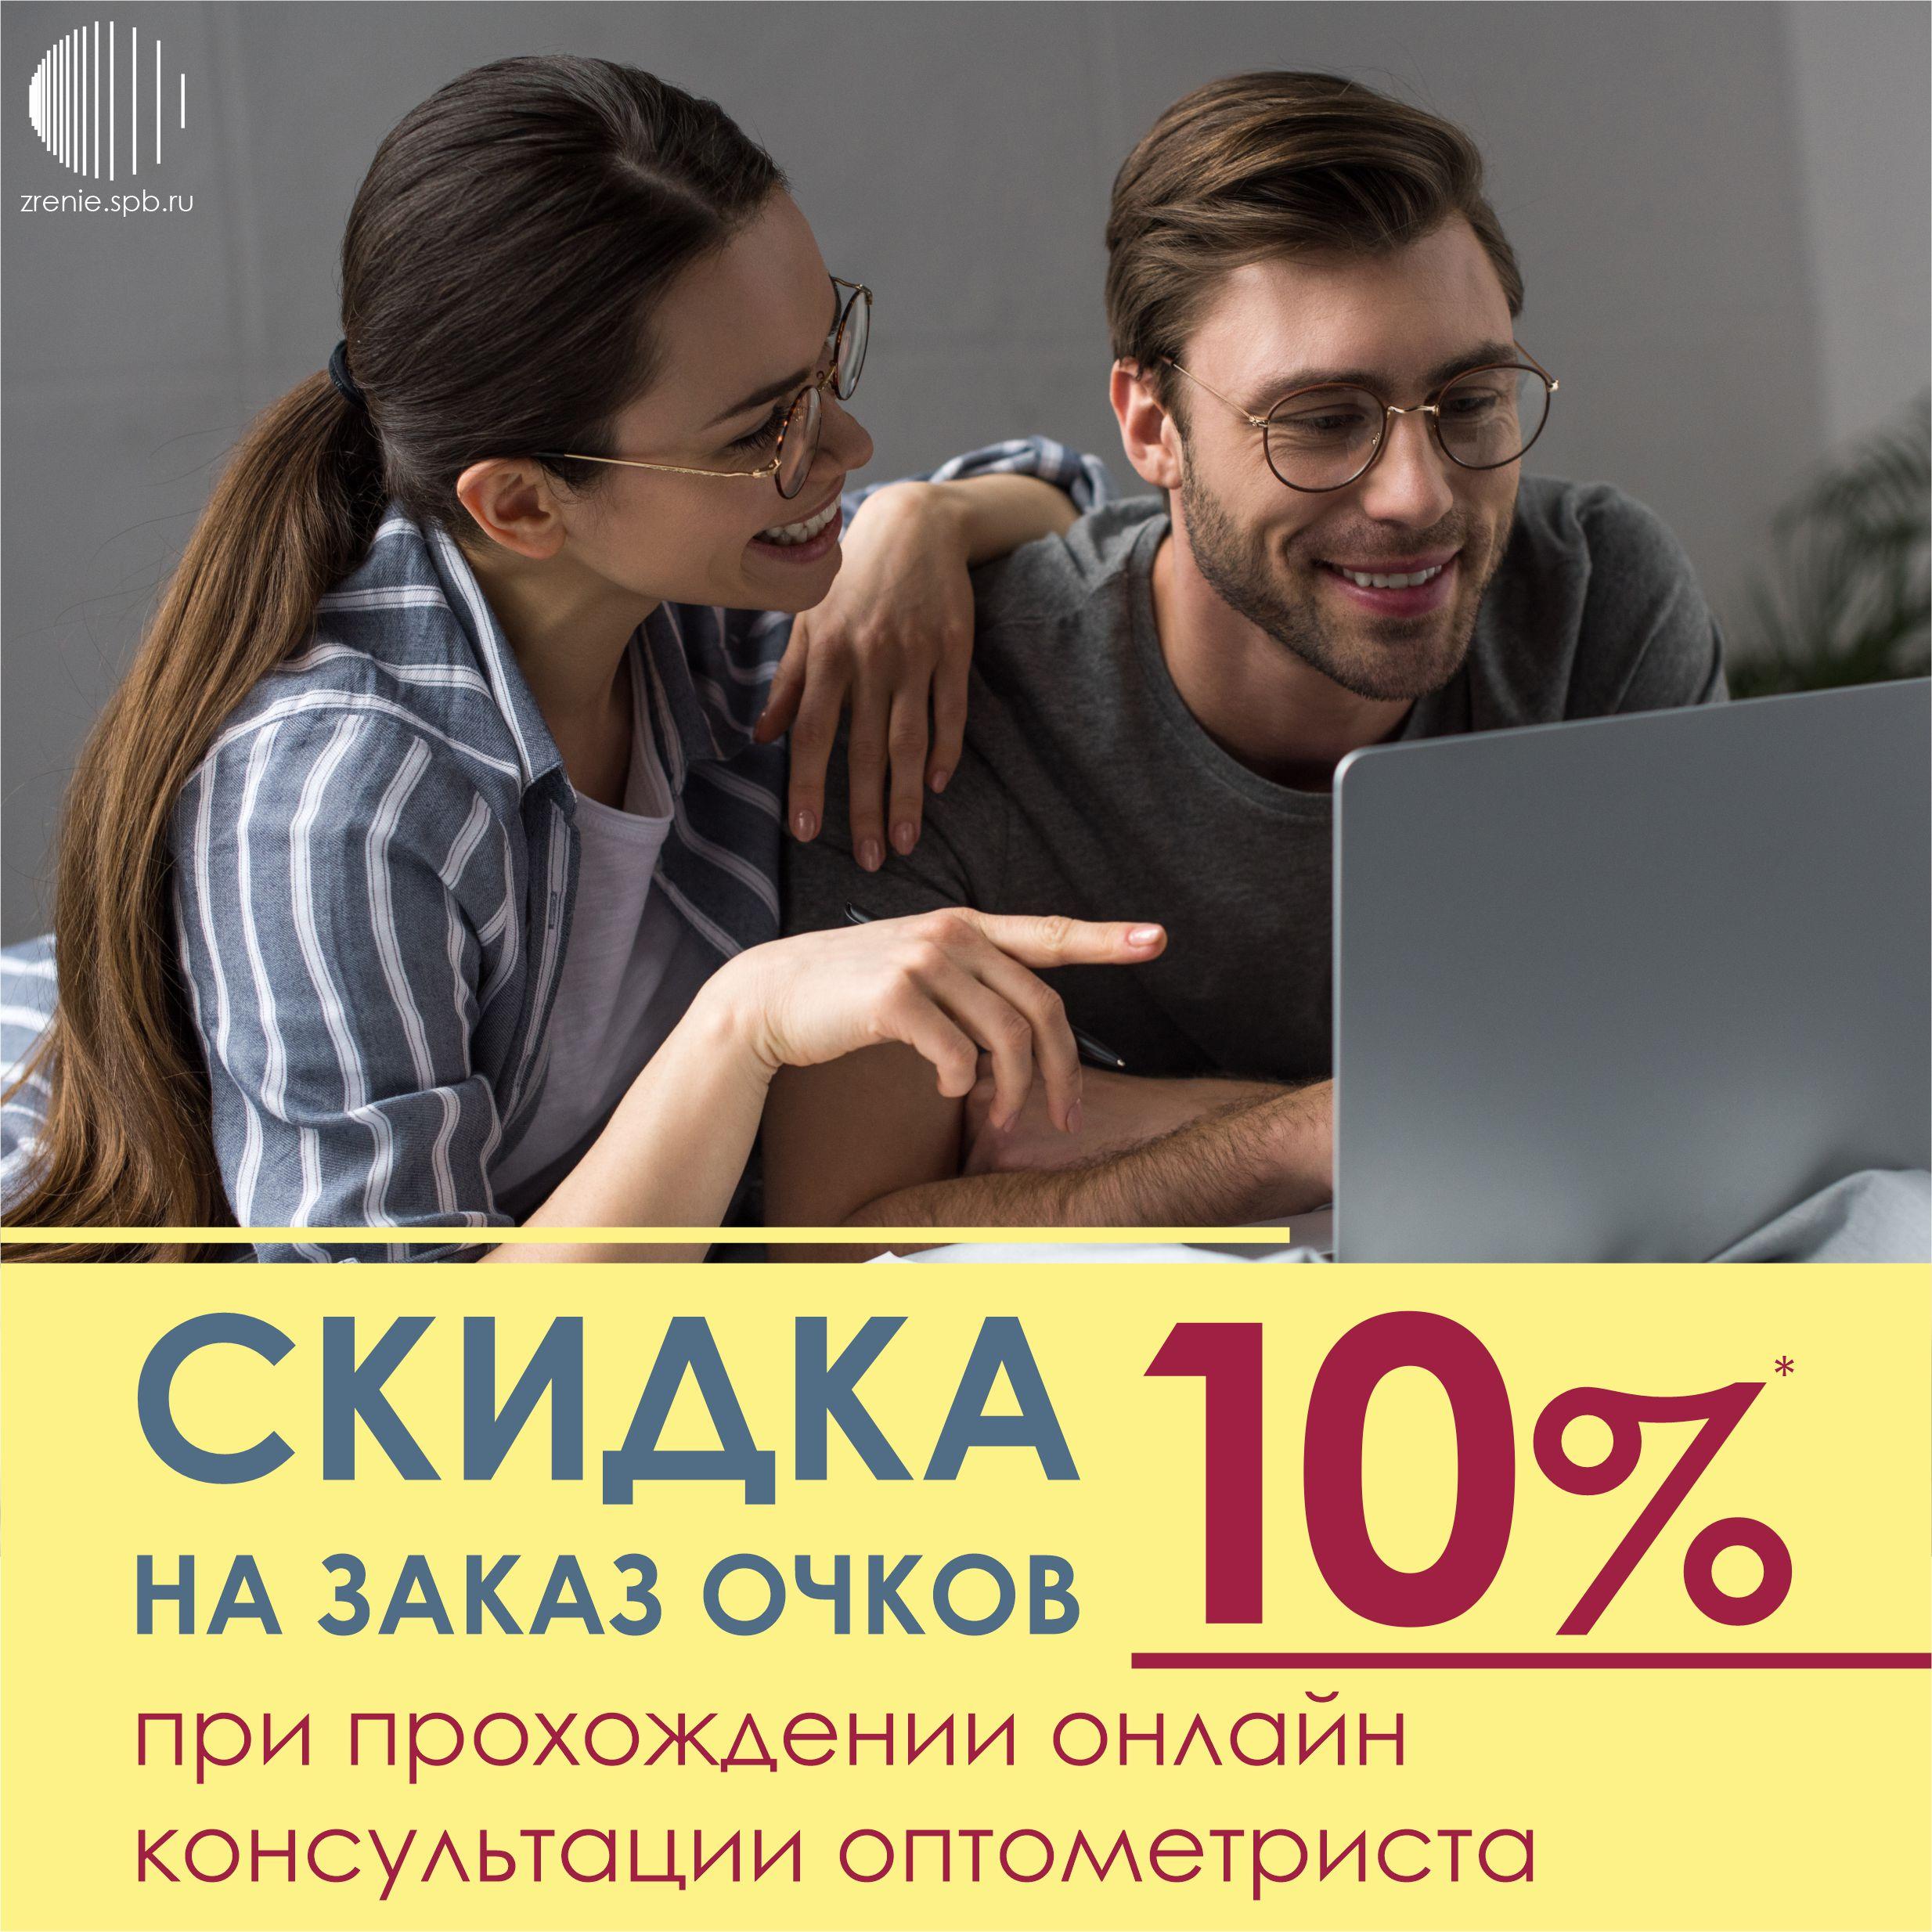 Скидка на заказ очков 10% при онлайн консультации оптометриста подбор очков и линз офтальмологический центр зрение